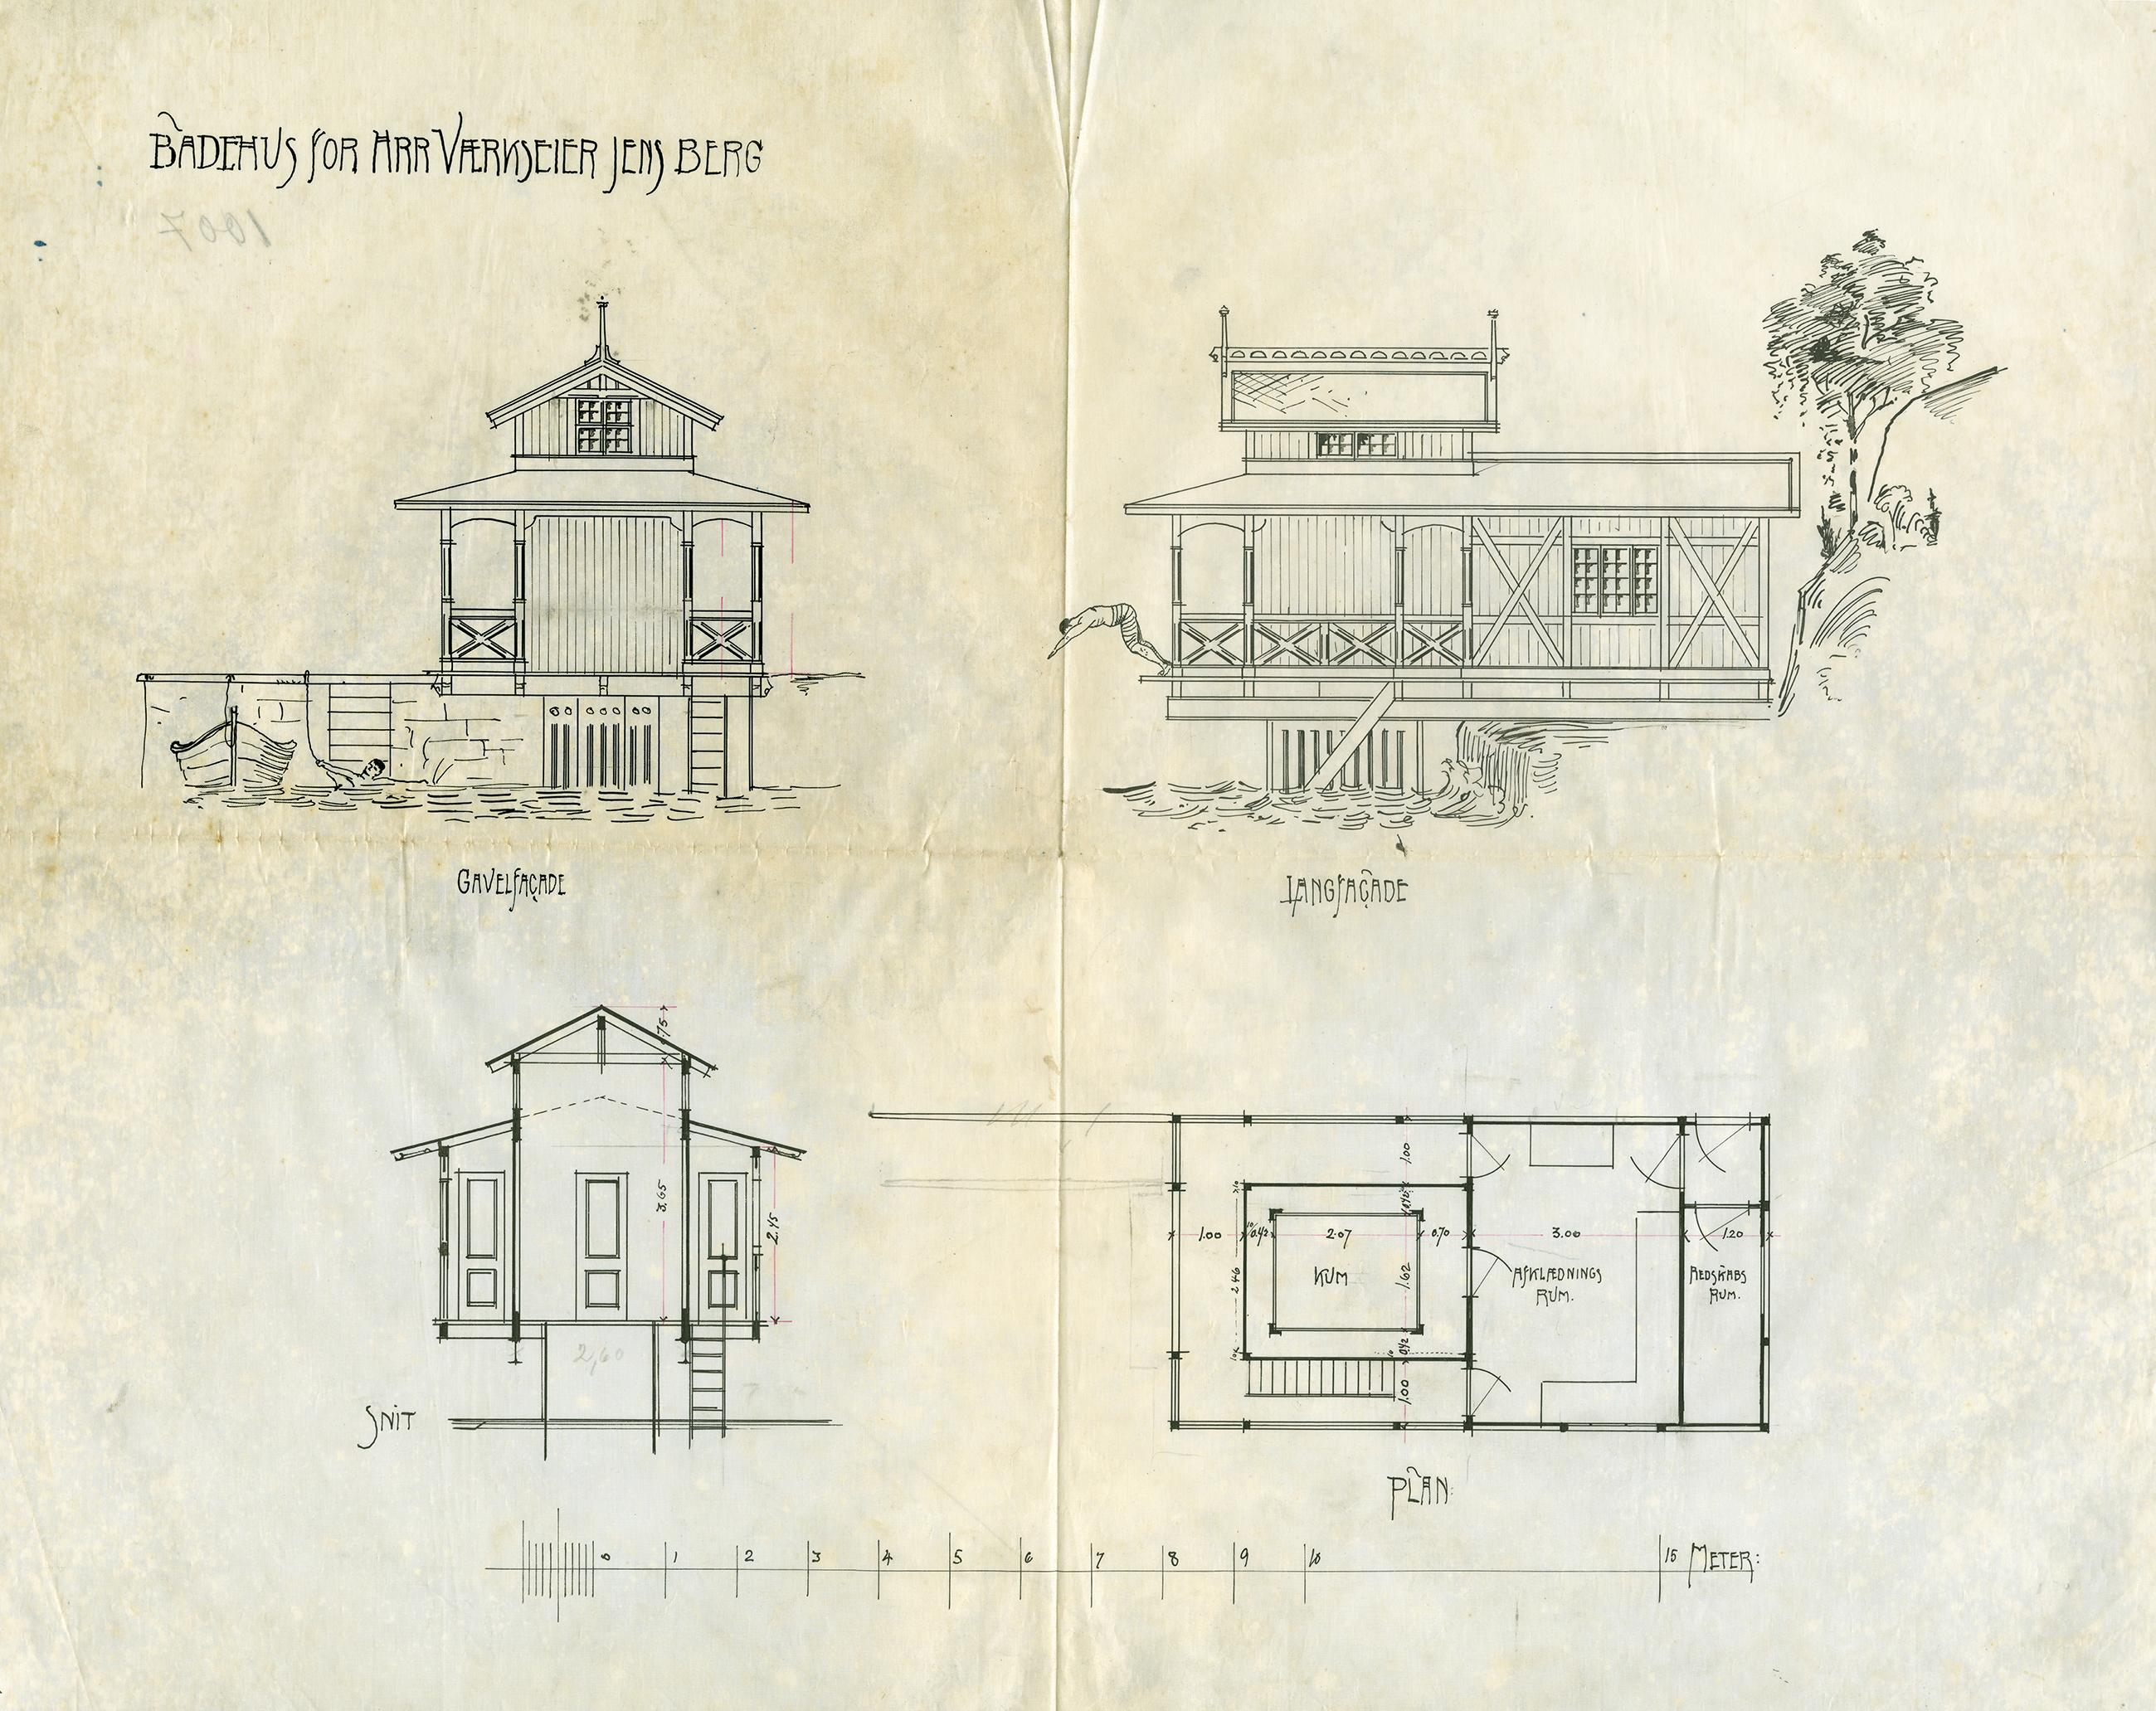 Tegning av badehus med brygge for Værkseier Jens Berg. Arkitekten er ukjent og tegningen er usignert